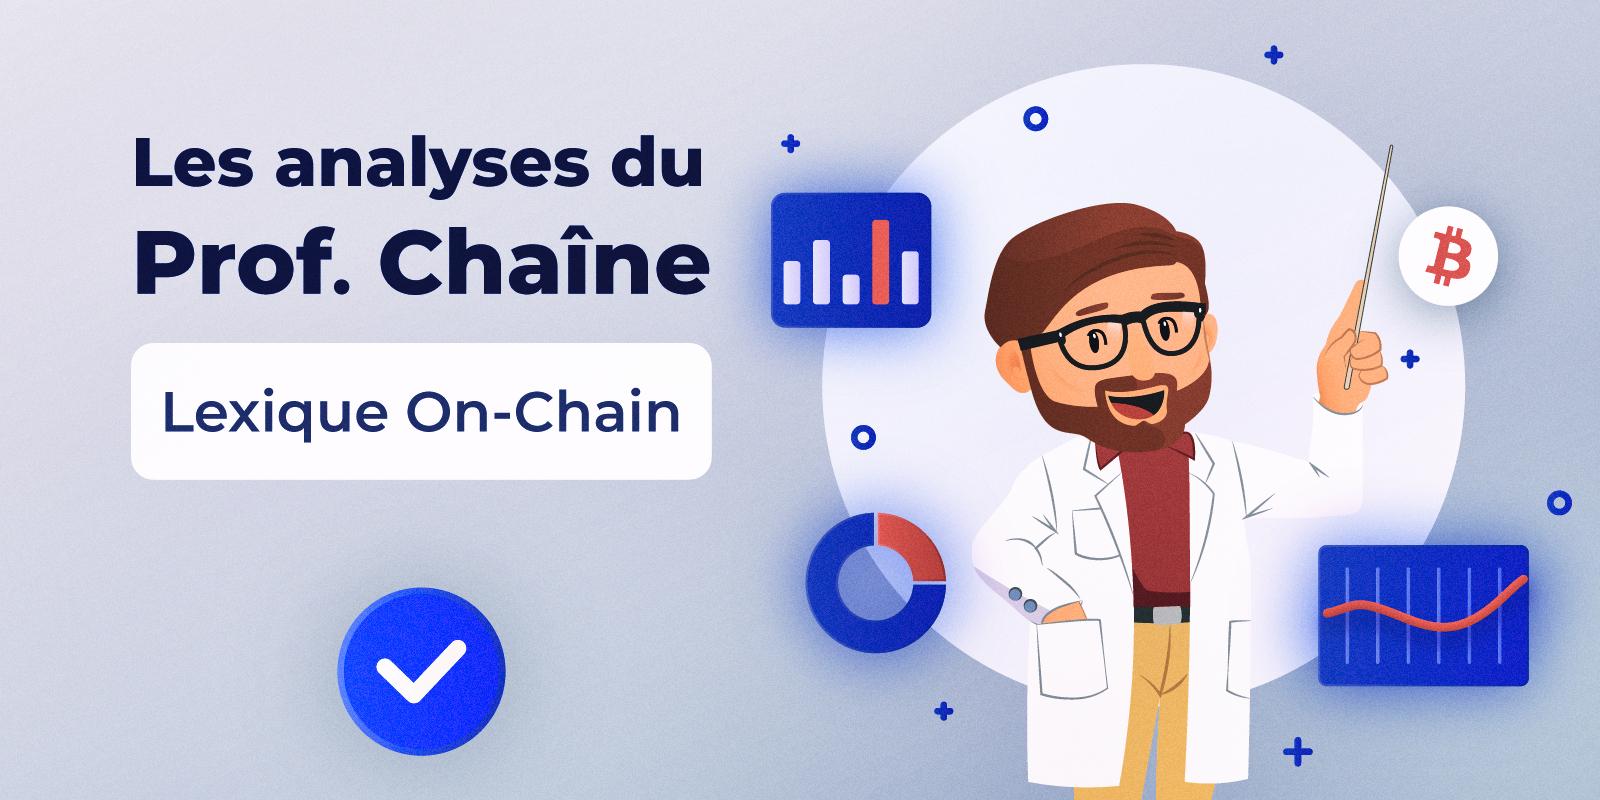 Lexique de l'analyse on-chain, par le Professeur Chaîne